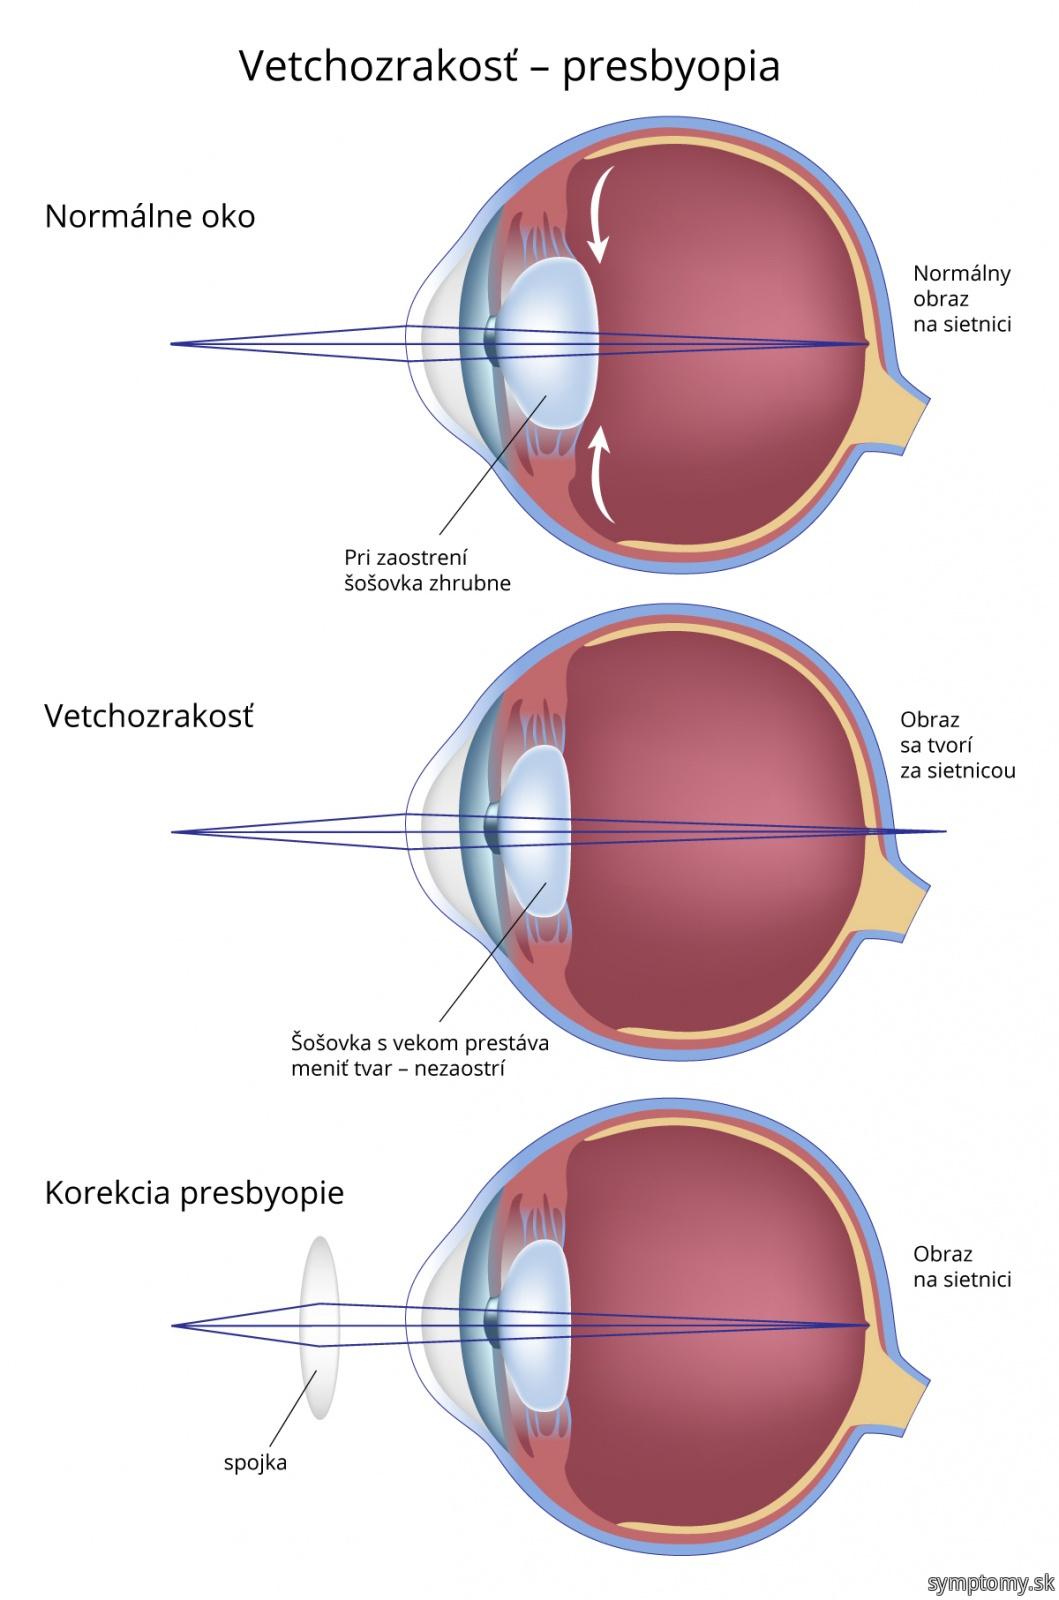 Vetchozrakosť---presbyopie